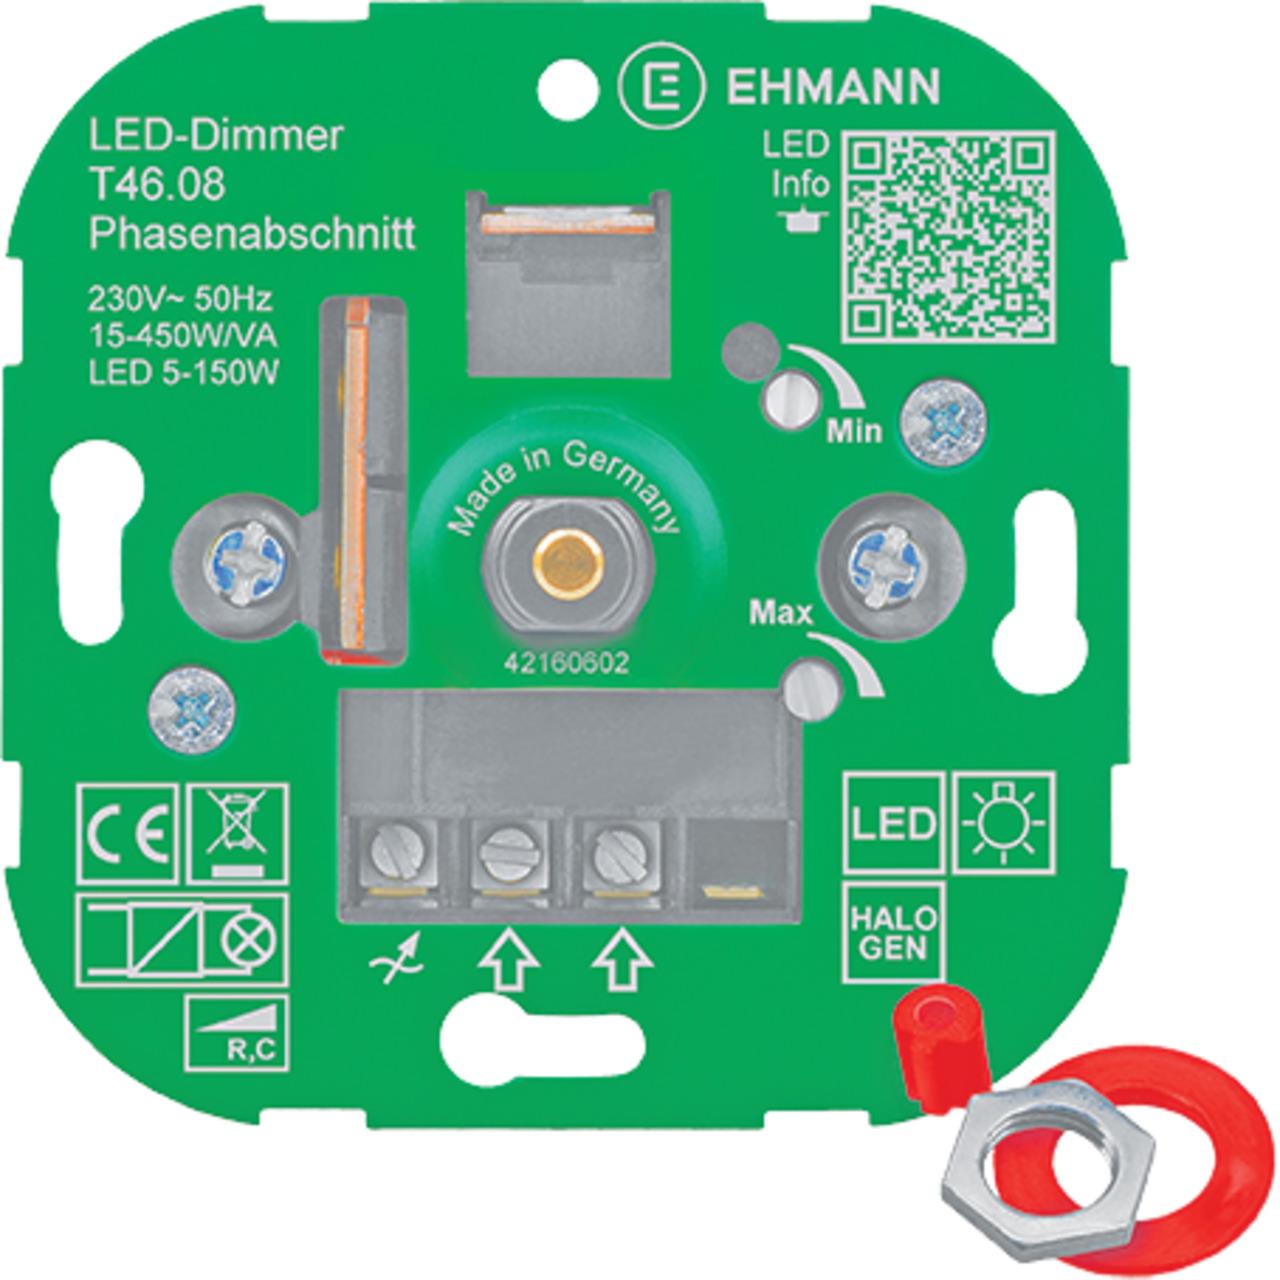 Ehmann T46-08 UP-LED-Dimmer- Phasenabschnitt